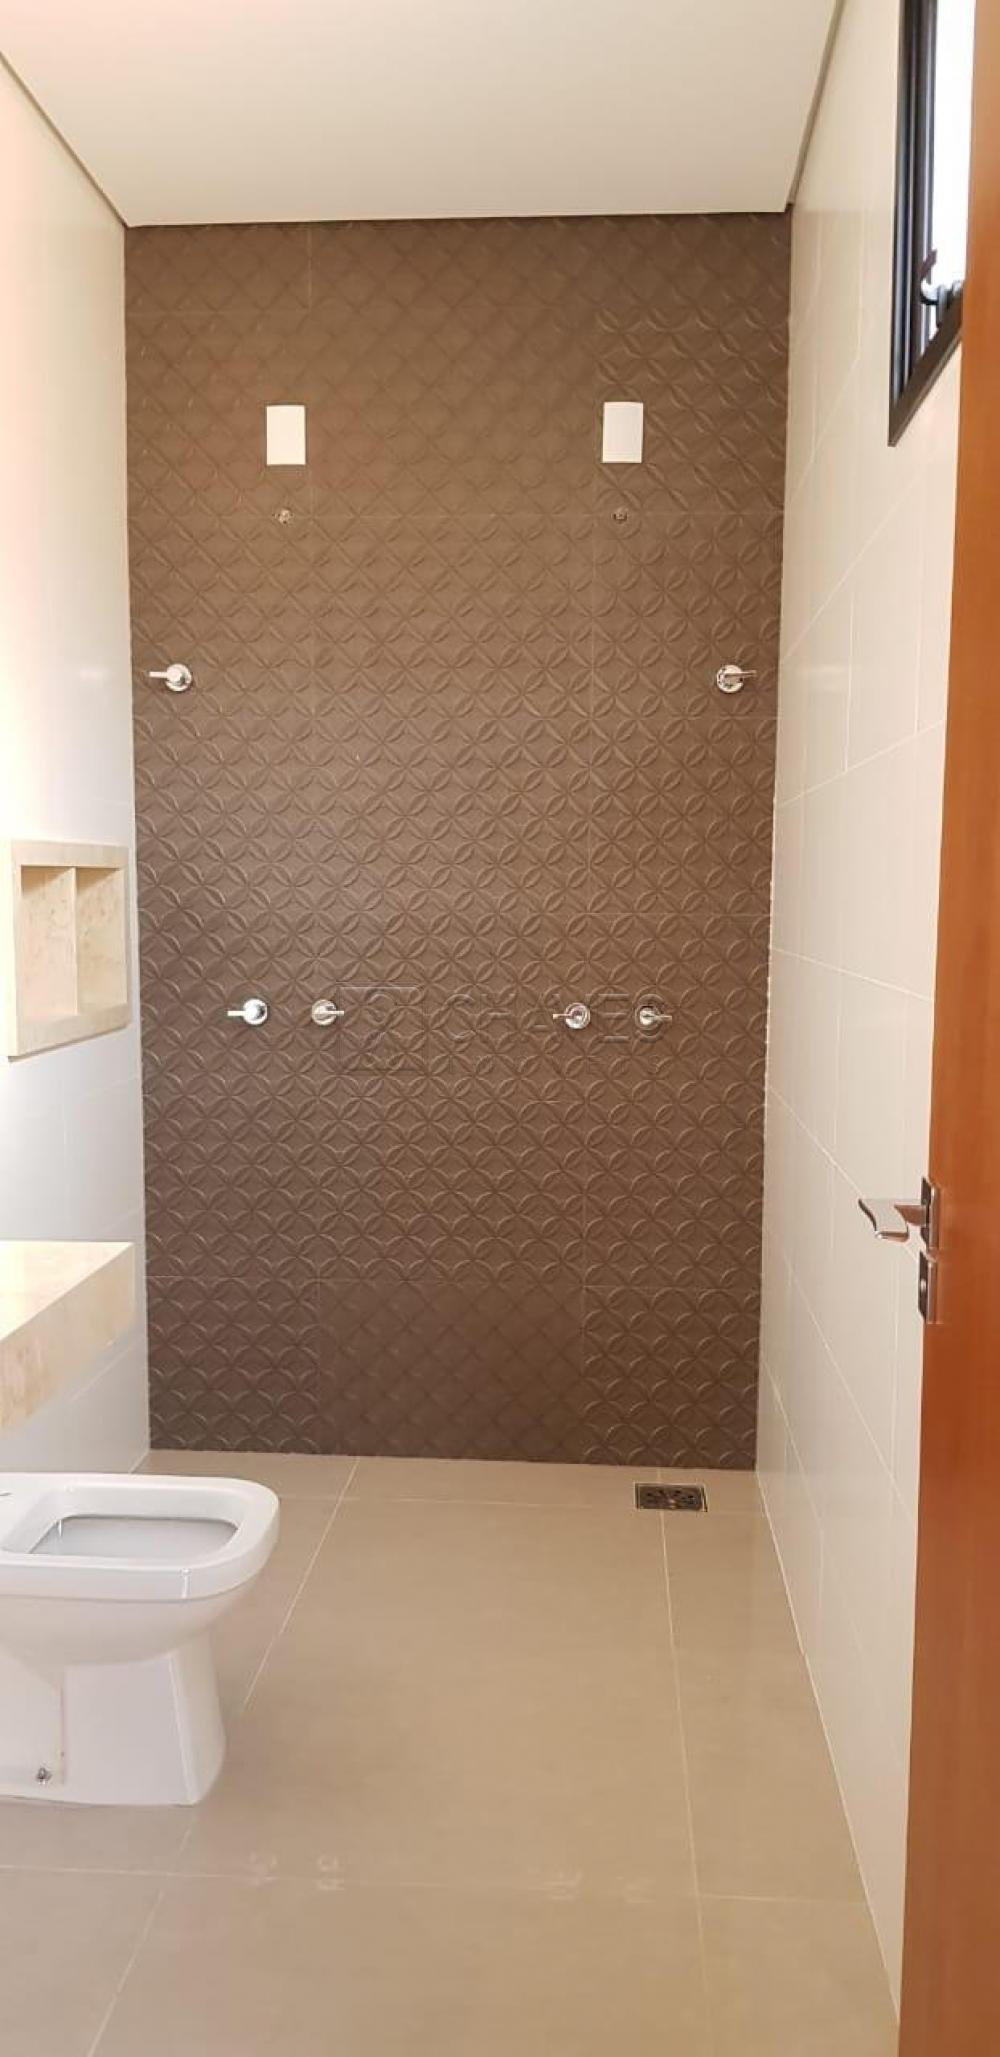 Comprar Casa / Condomínio em Ribeirão Preto apenas R$ 970.000,00 - Foto 15